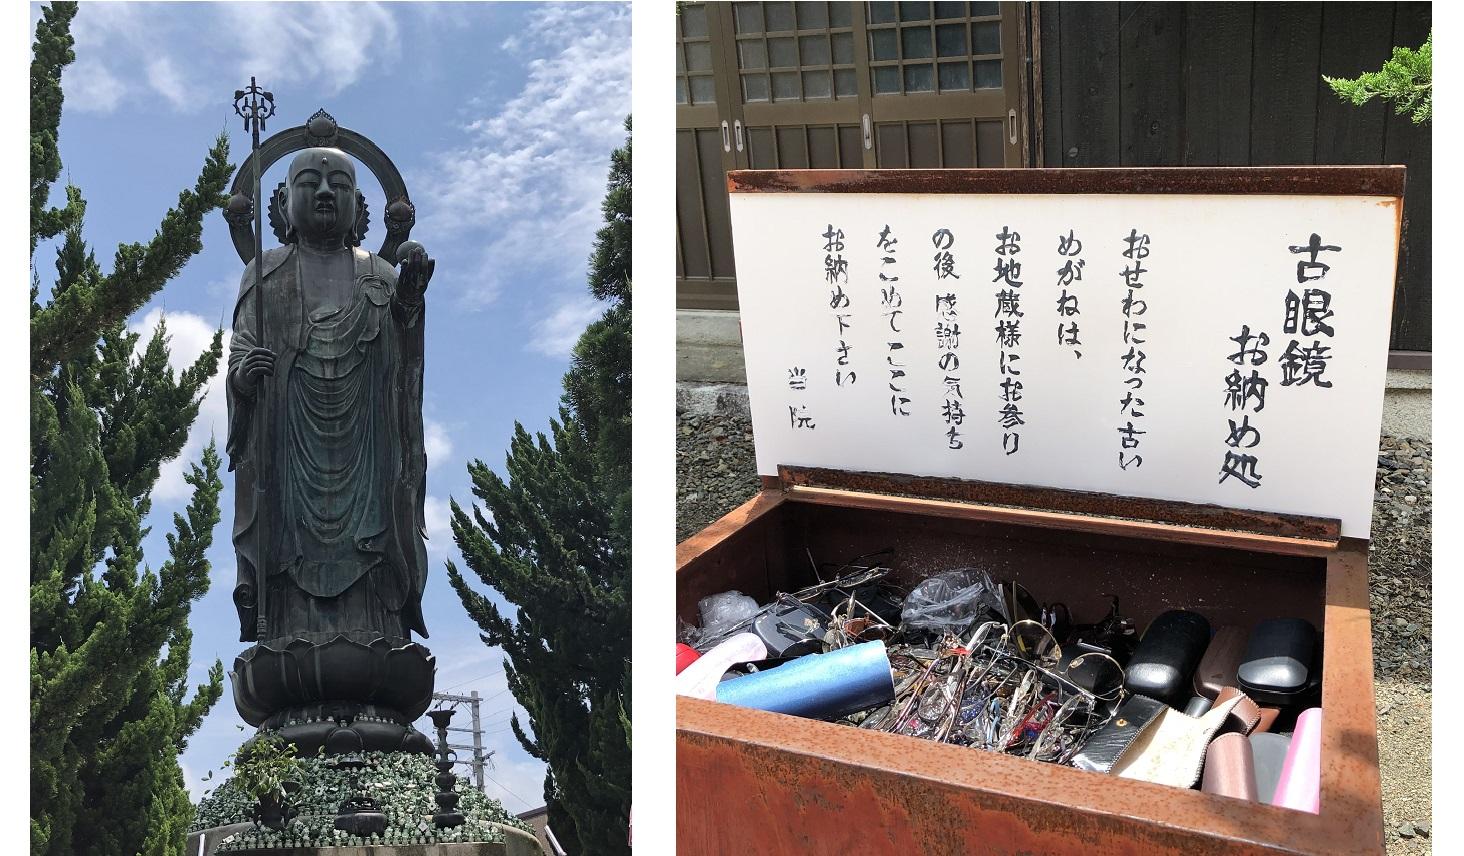 日本一大きな地蔵菩薩銅像とメガネの供養箱